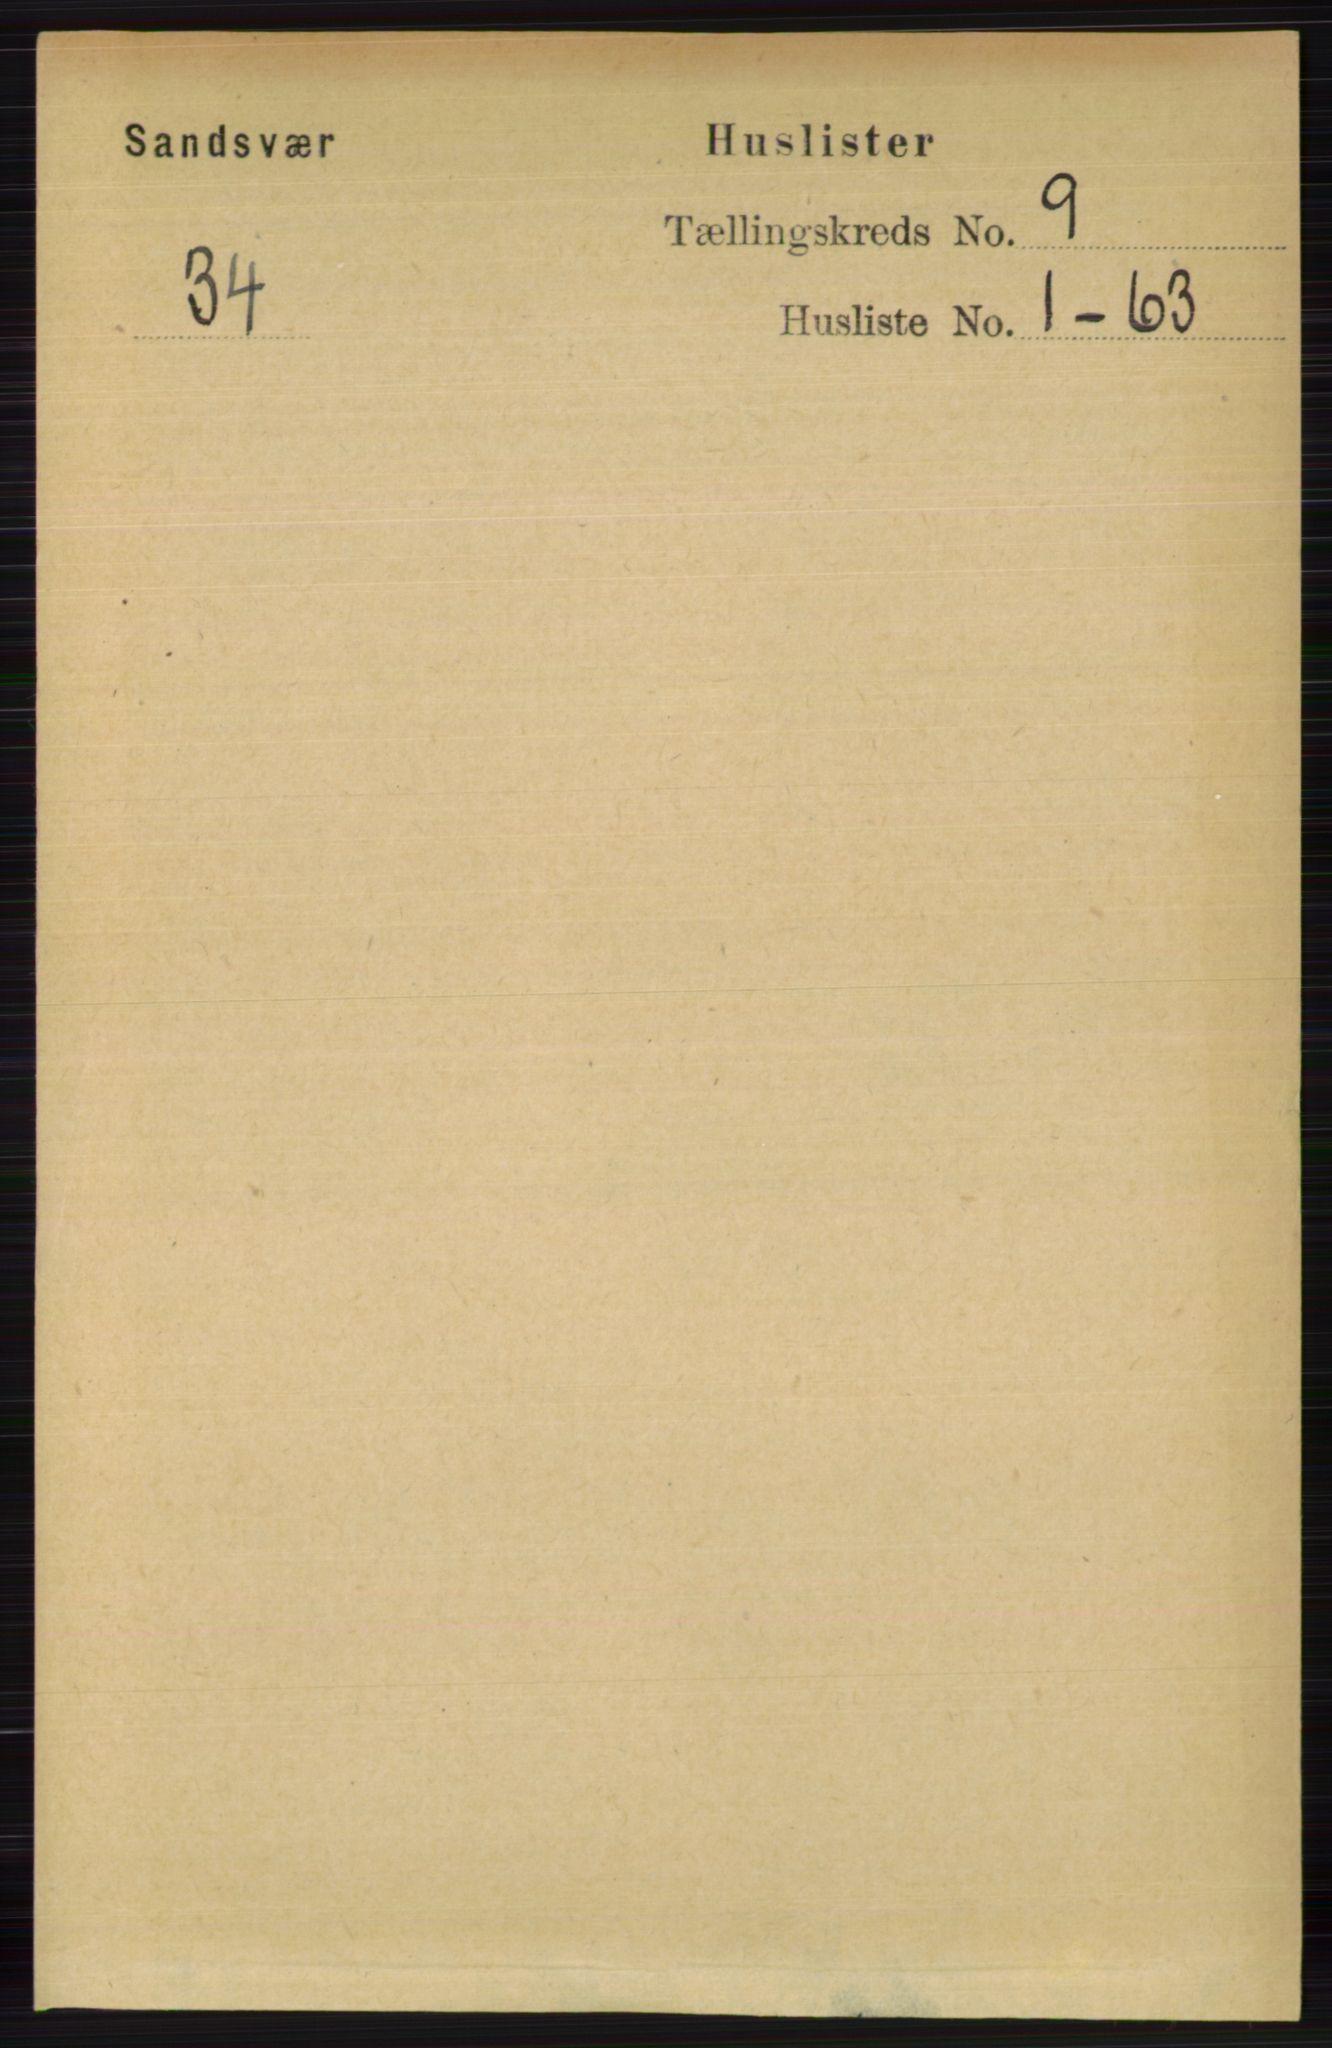 RA, Folketelling 1891 for 0629 Sandsvær herred, 1891, s. 4362